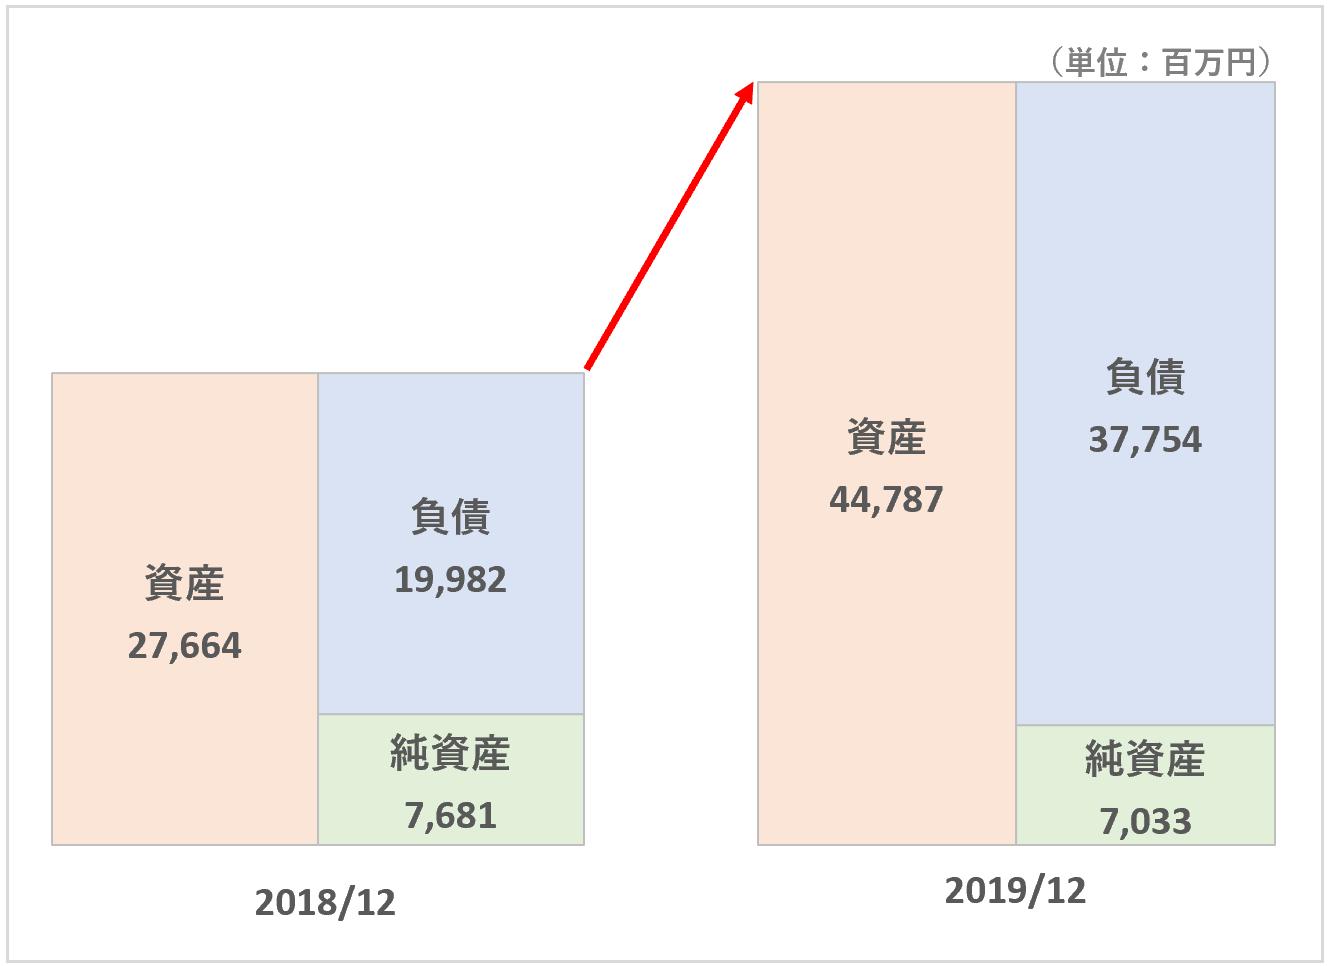 リンク:資産合計&負債の増加